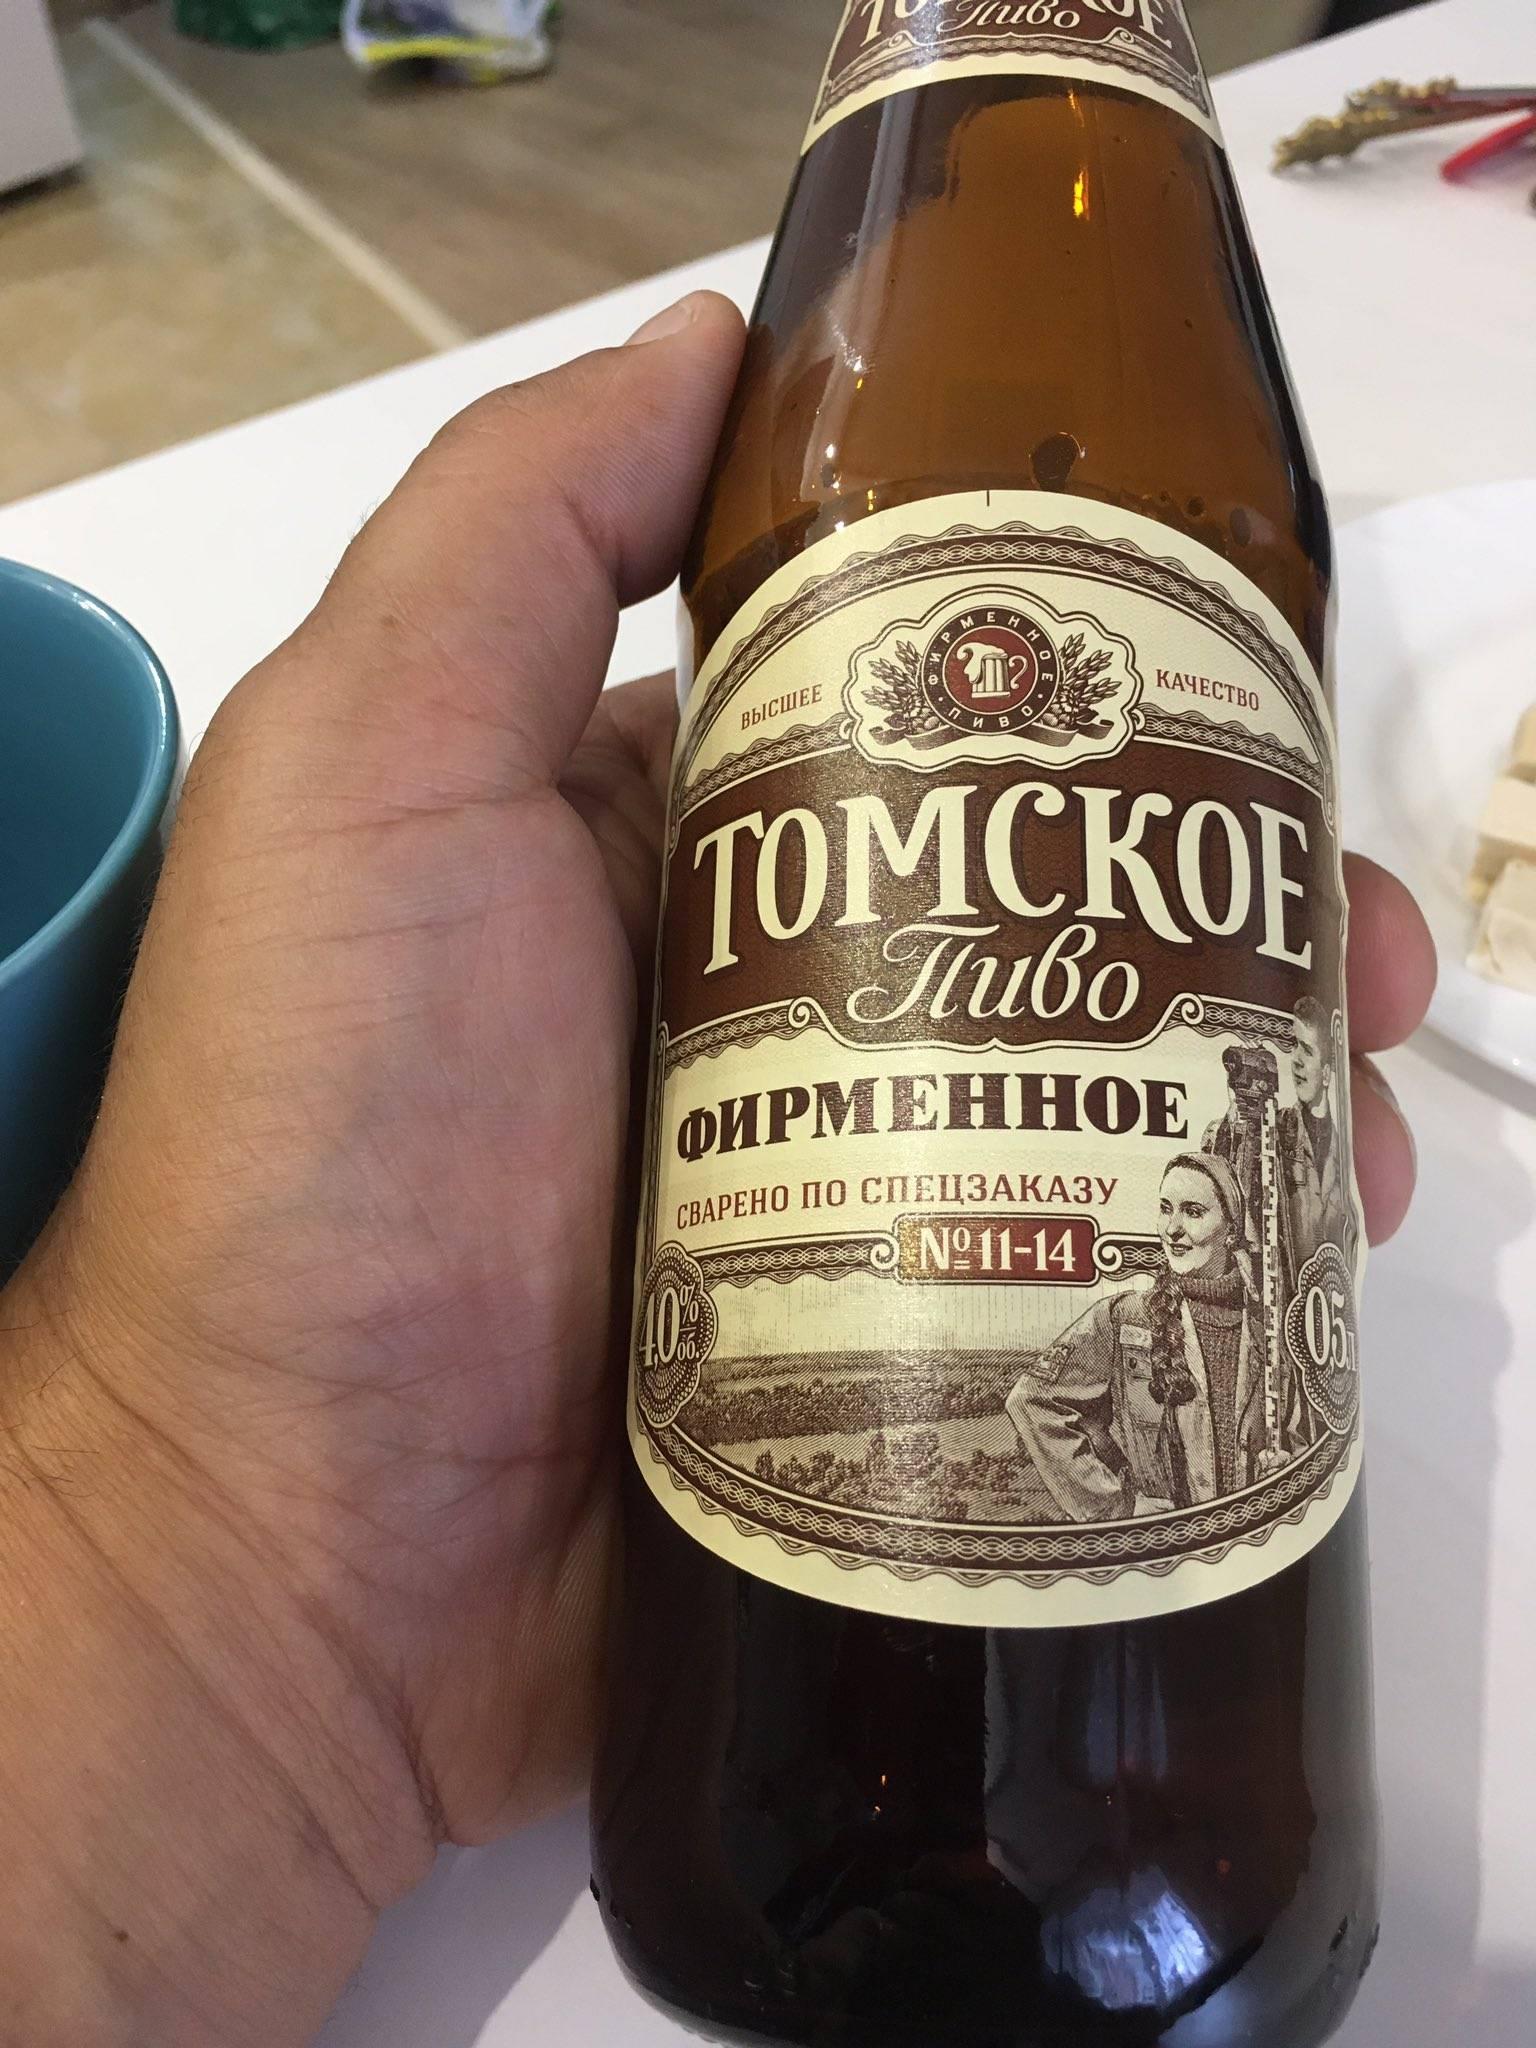 Пряники, пиво и другие местные «фишки» дореволюционного томска - vtomske.ru